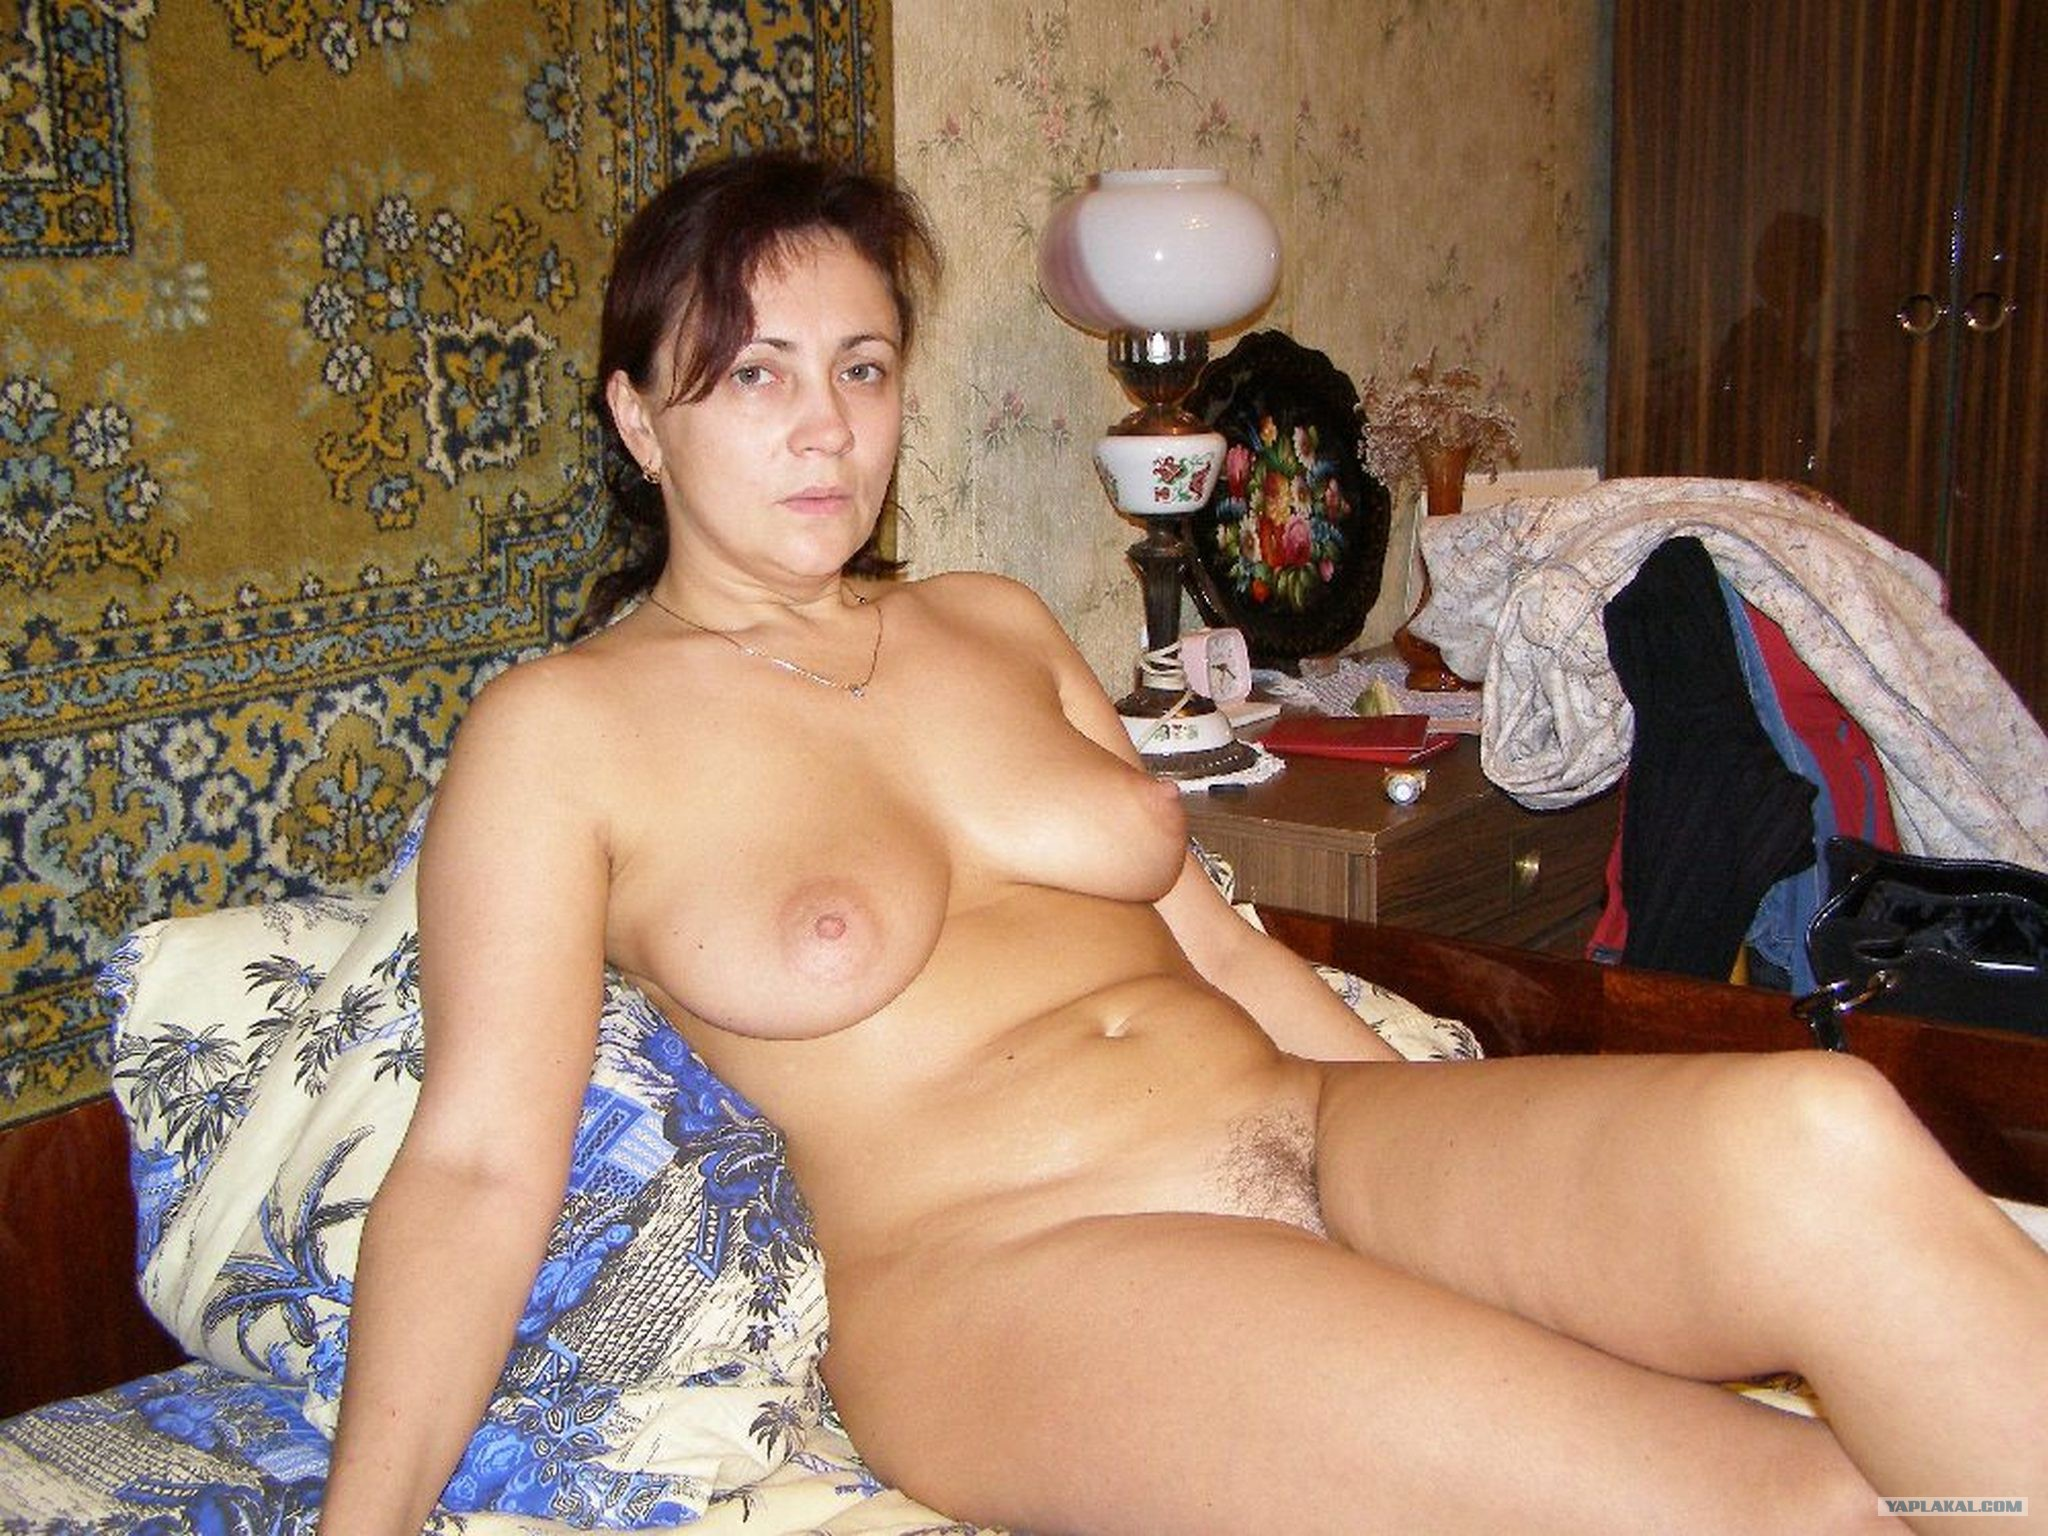 Сексуальная женщина в возрасте эротика 26 фотография